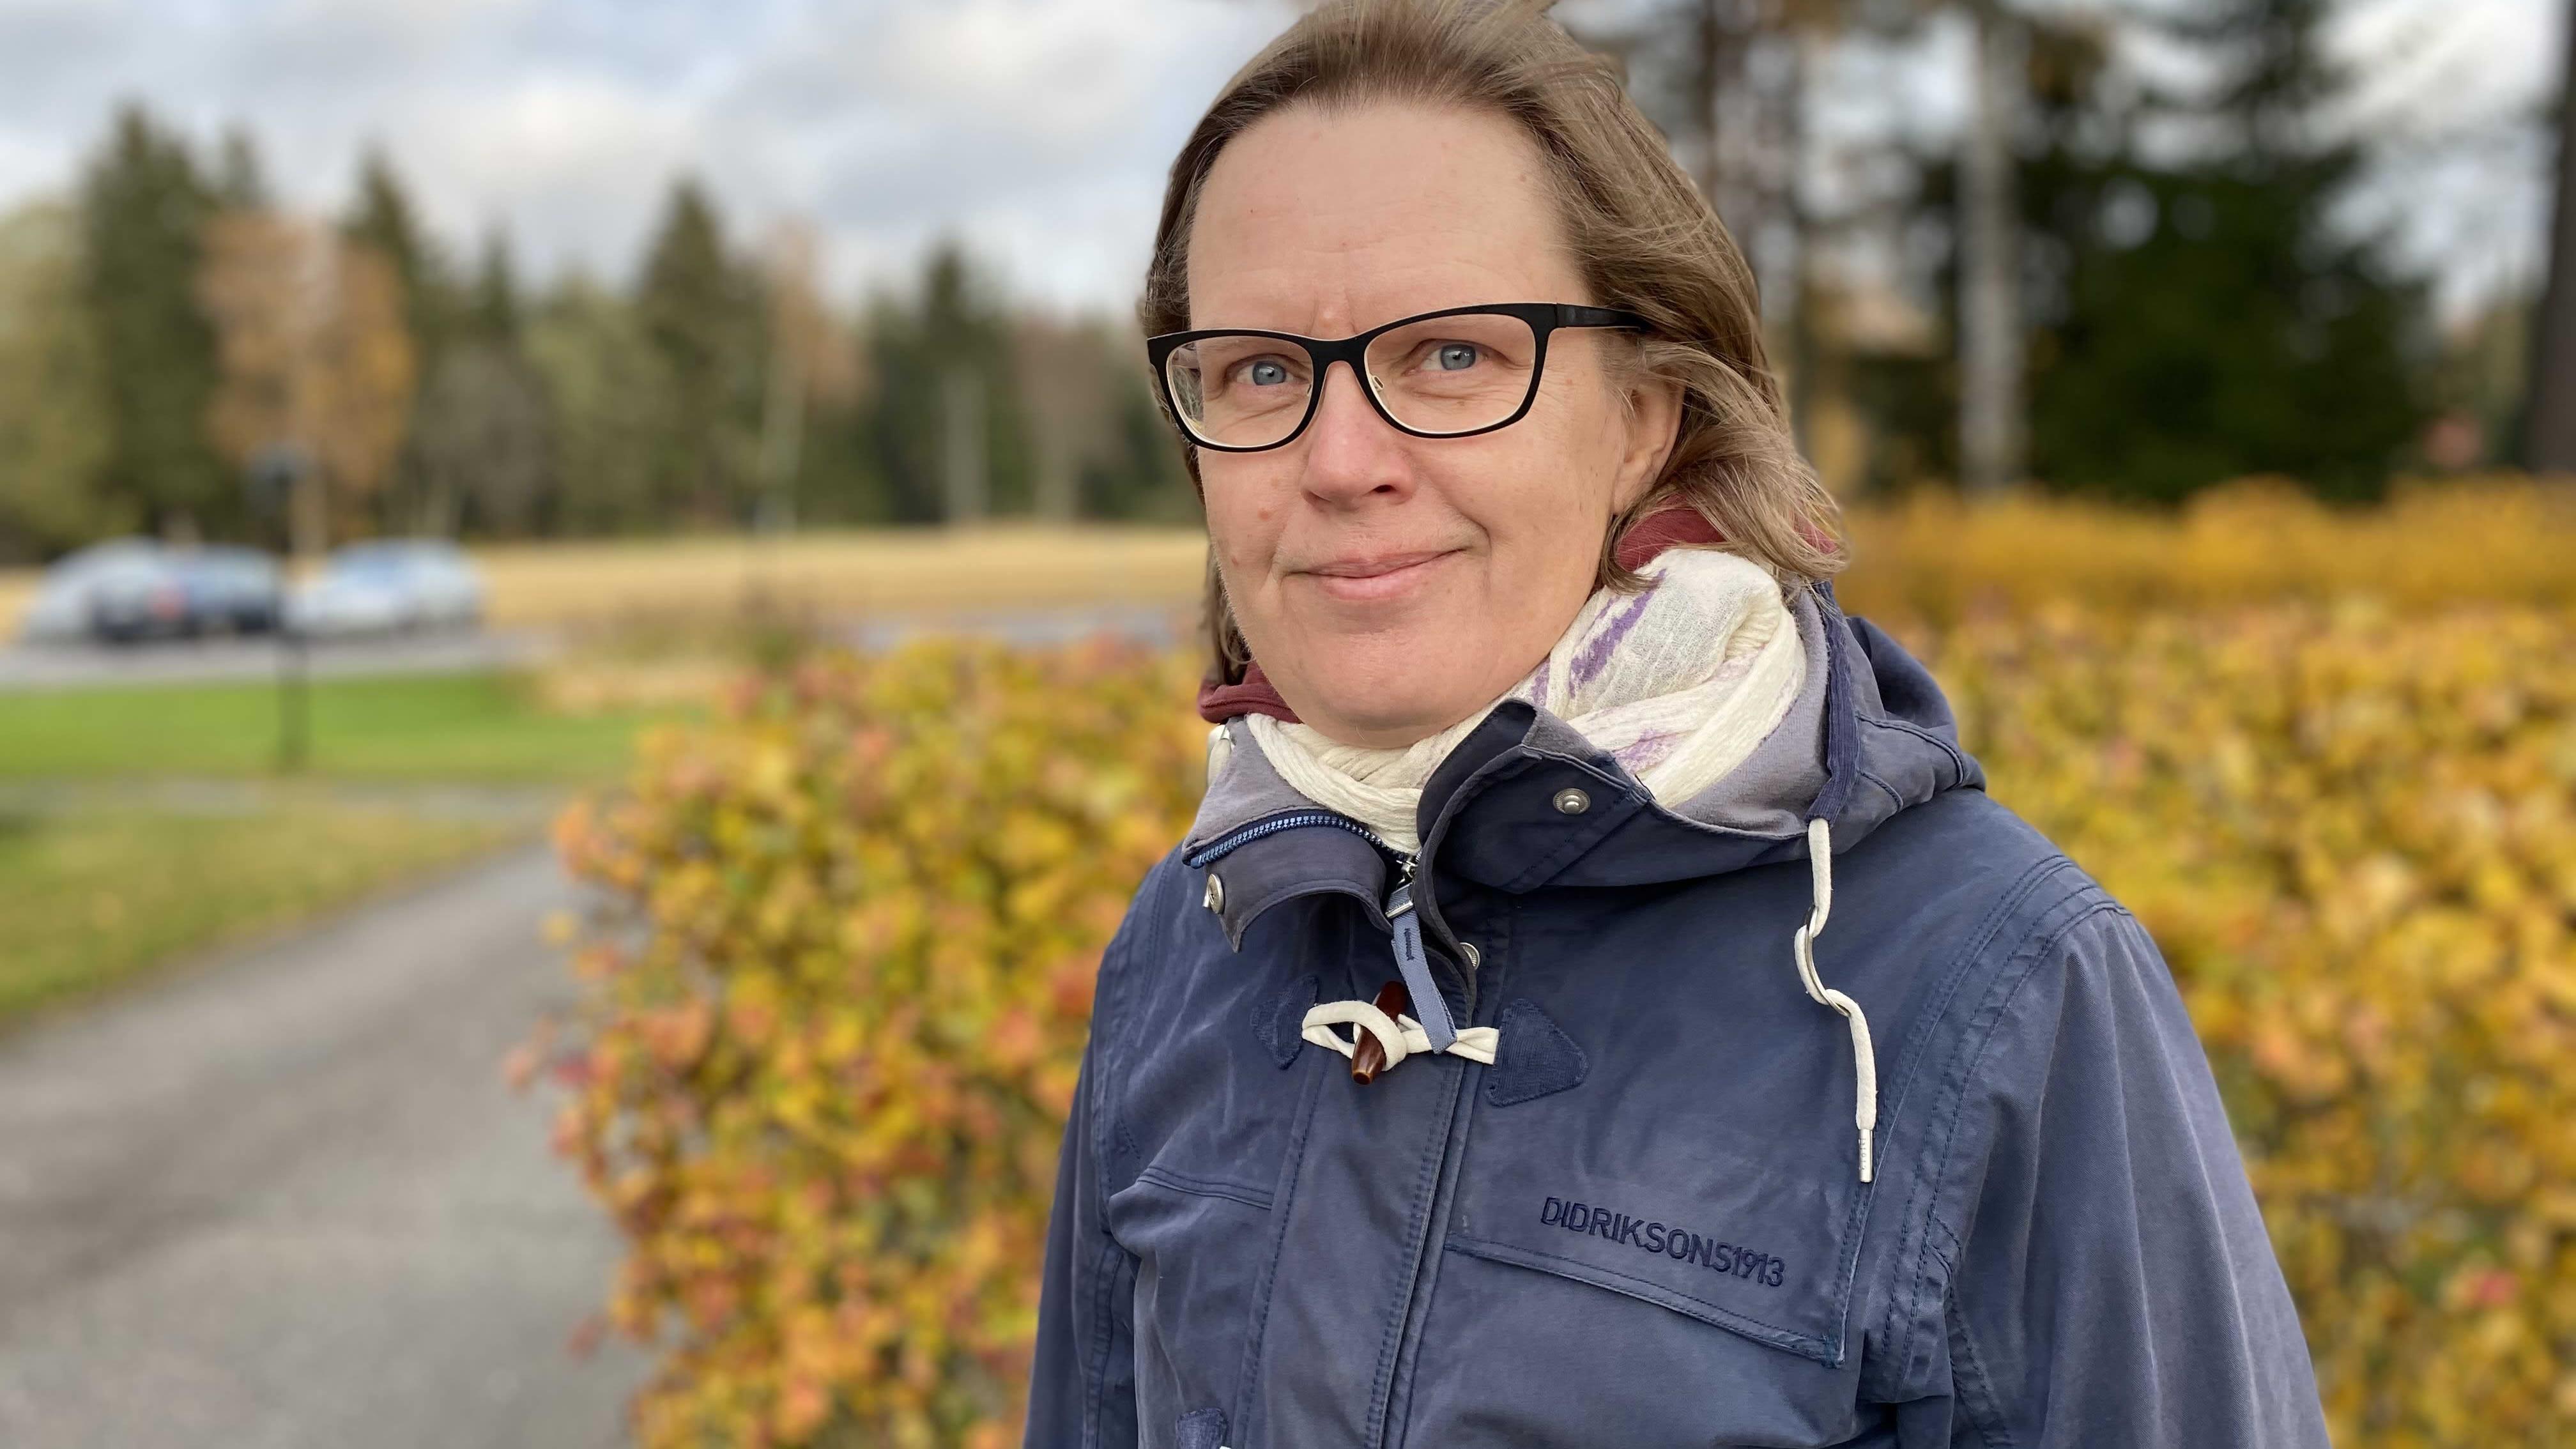 Kyläasiamies Elina Leppänen katsoo hymyillen kameraan sininen takki yllään. Taustalla ruskan värjäämiä pensaita.Tuuloksessa 4.10.2021.